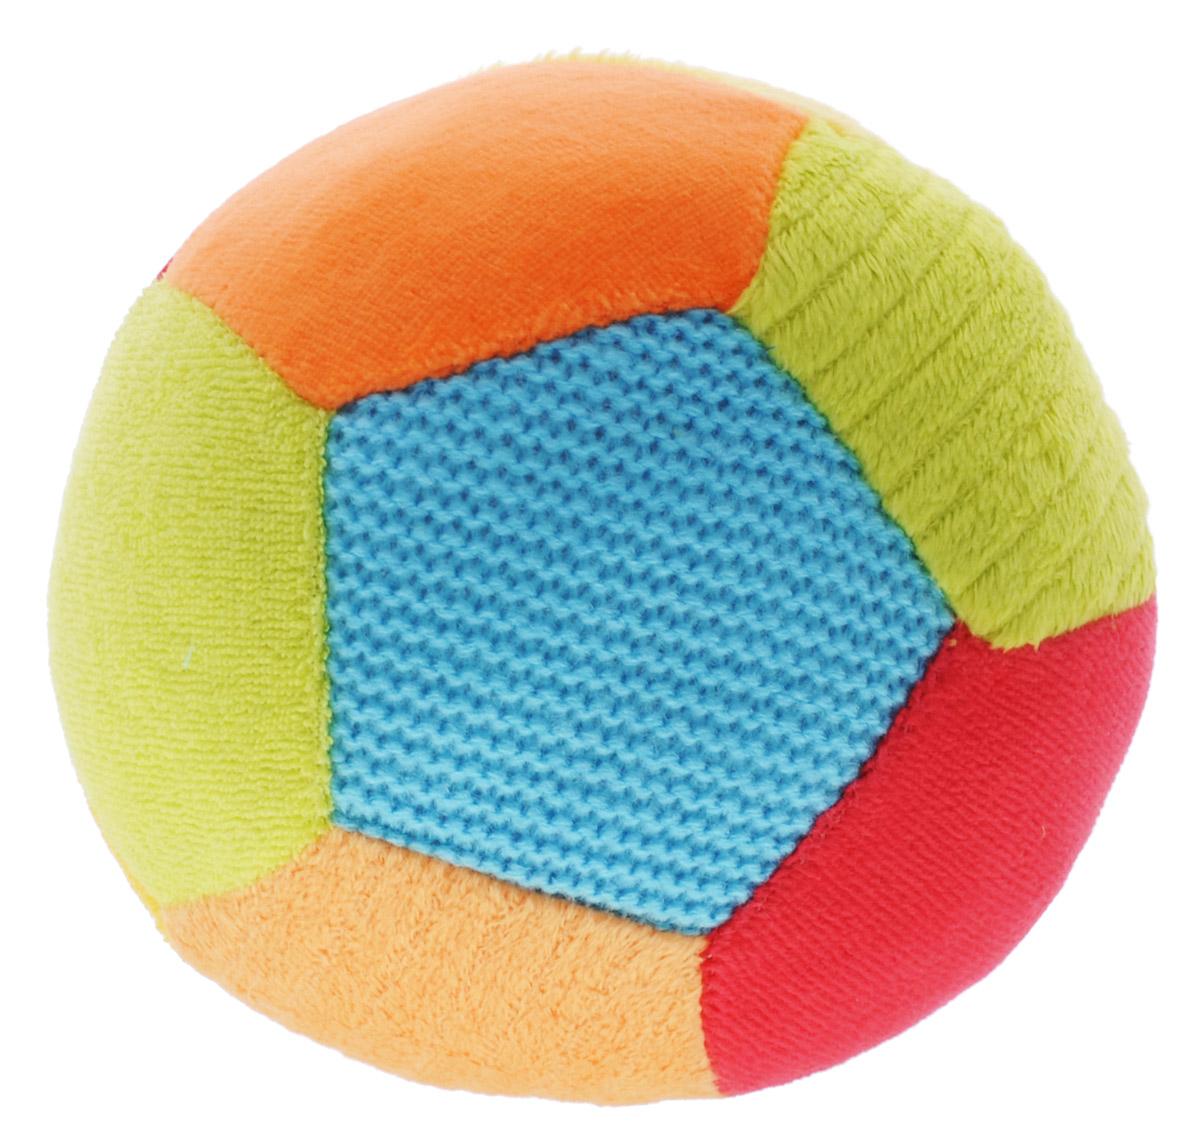 BabyOno Мягкая игрушка-погремушка Мячик цвет голубой оранжевый красный babyono мягкая кукла лили цвет коралловый